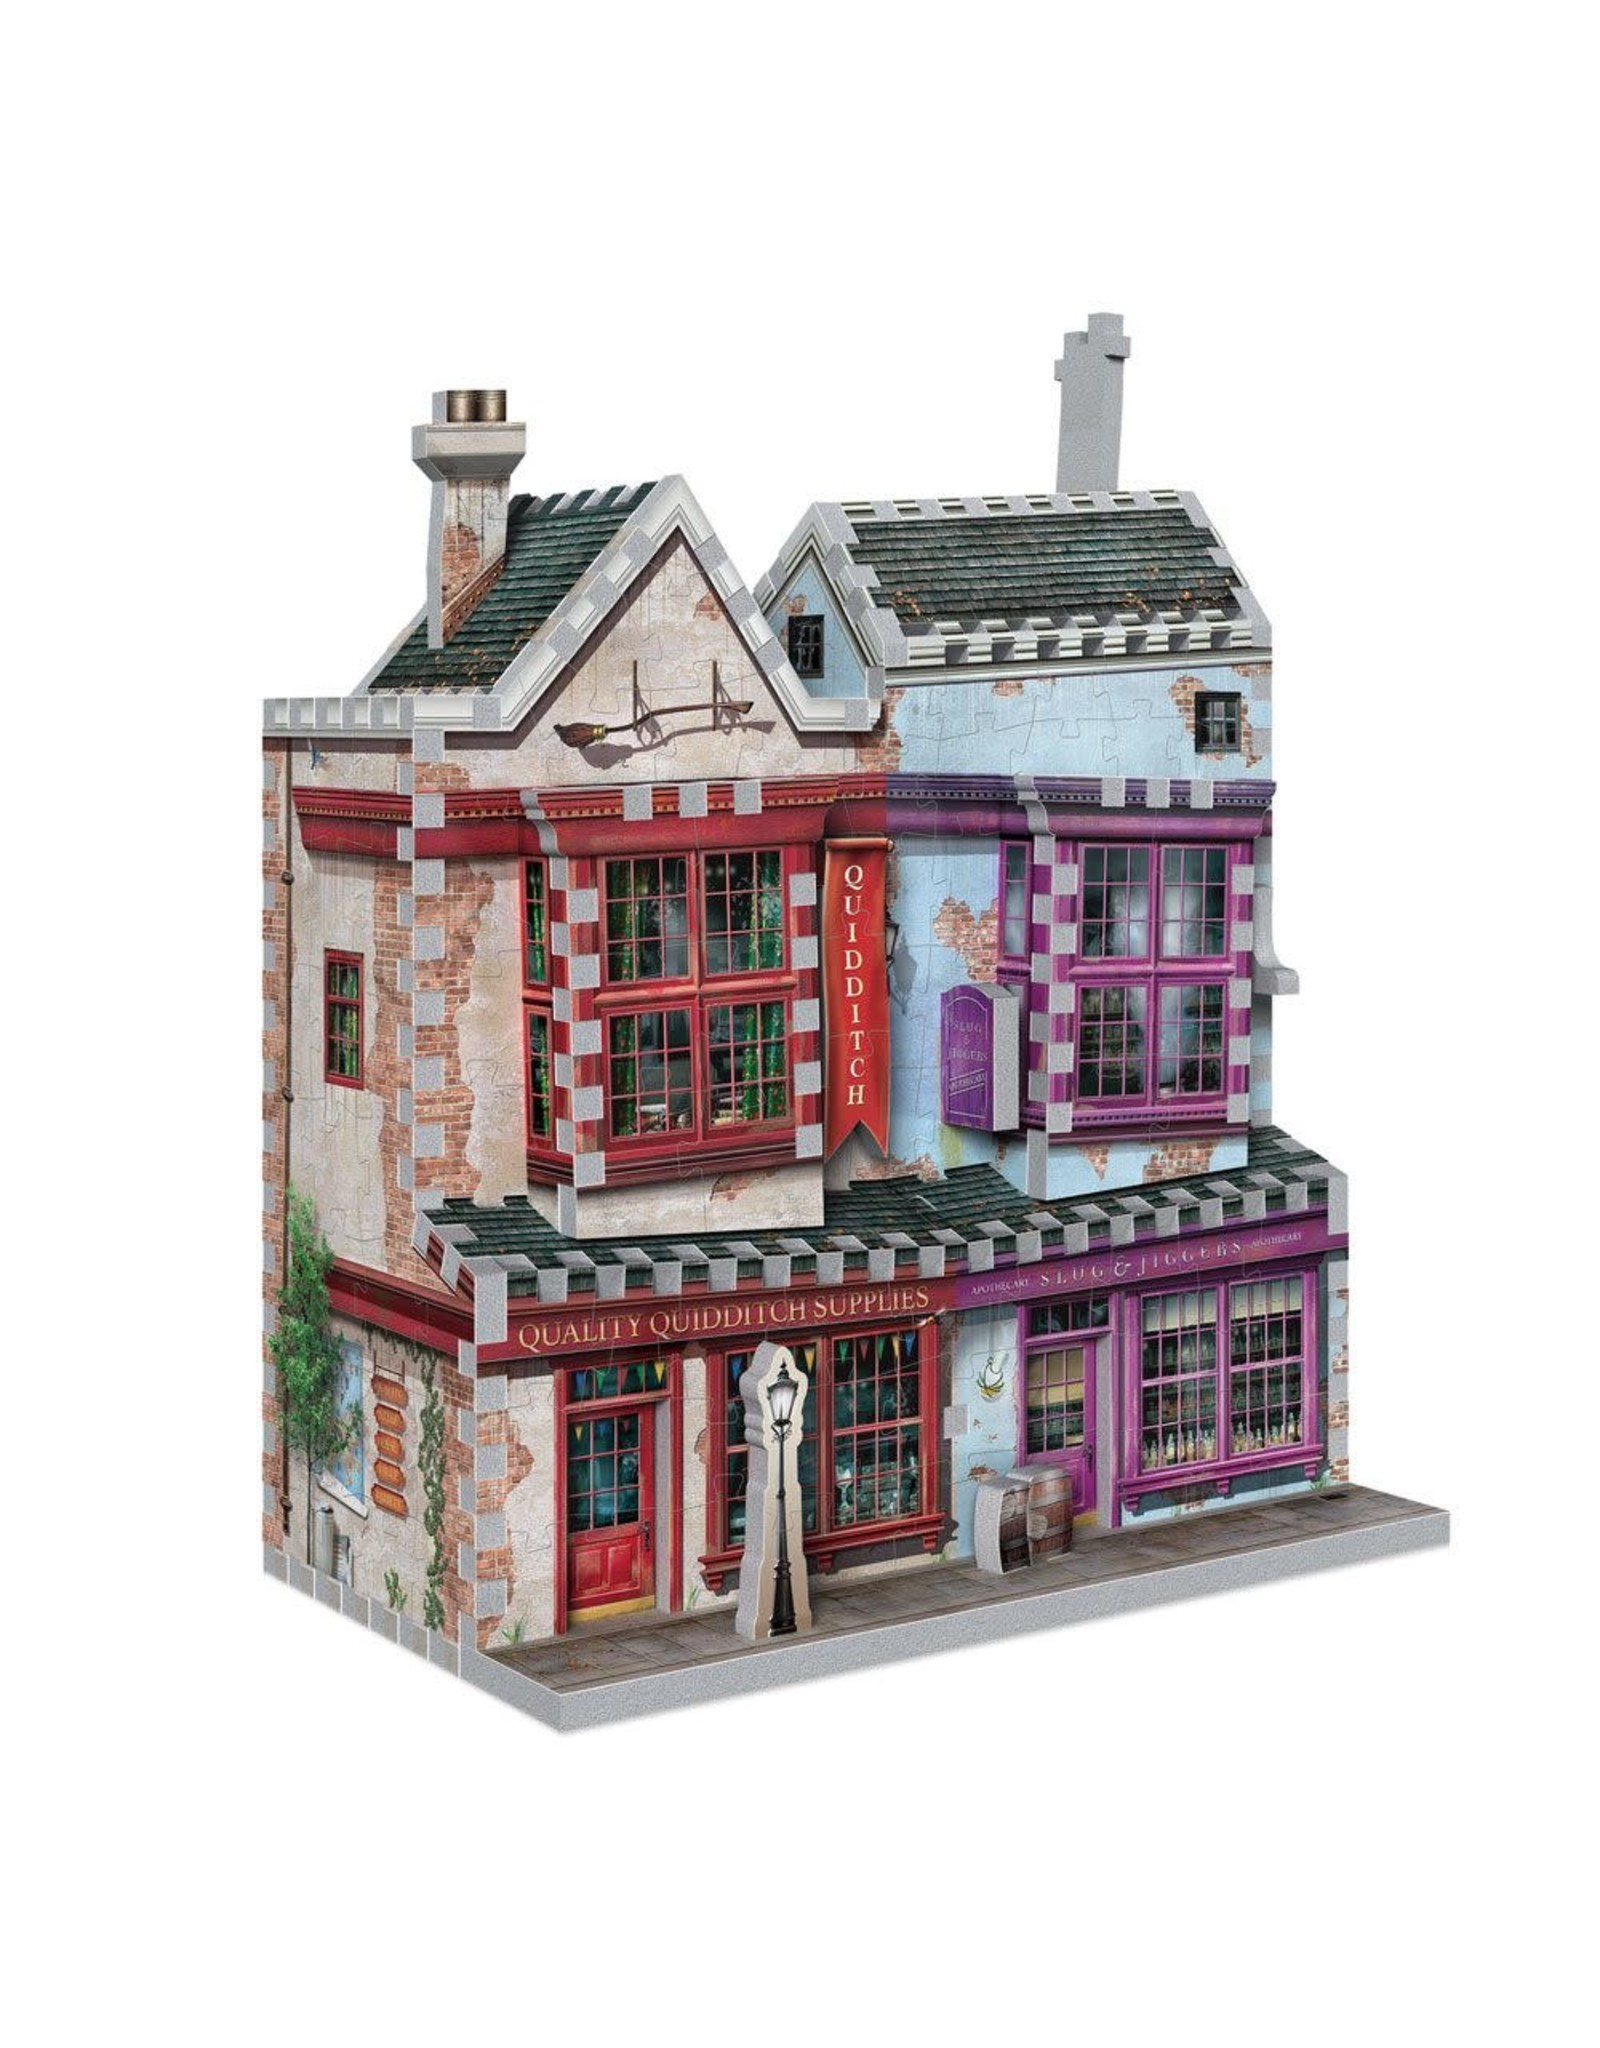 HARRY POTTER 3D Puzzle 305P - Quidditch Shop